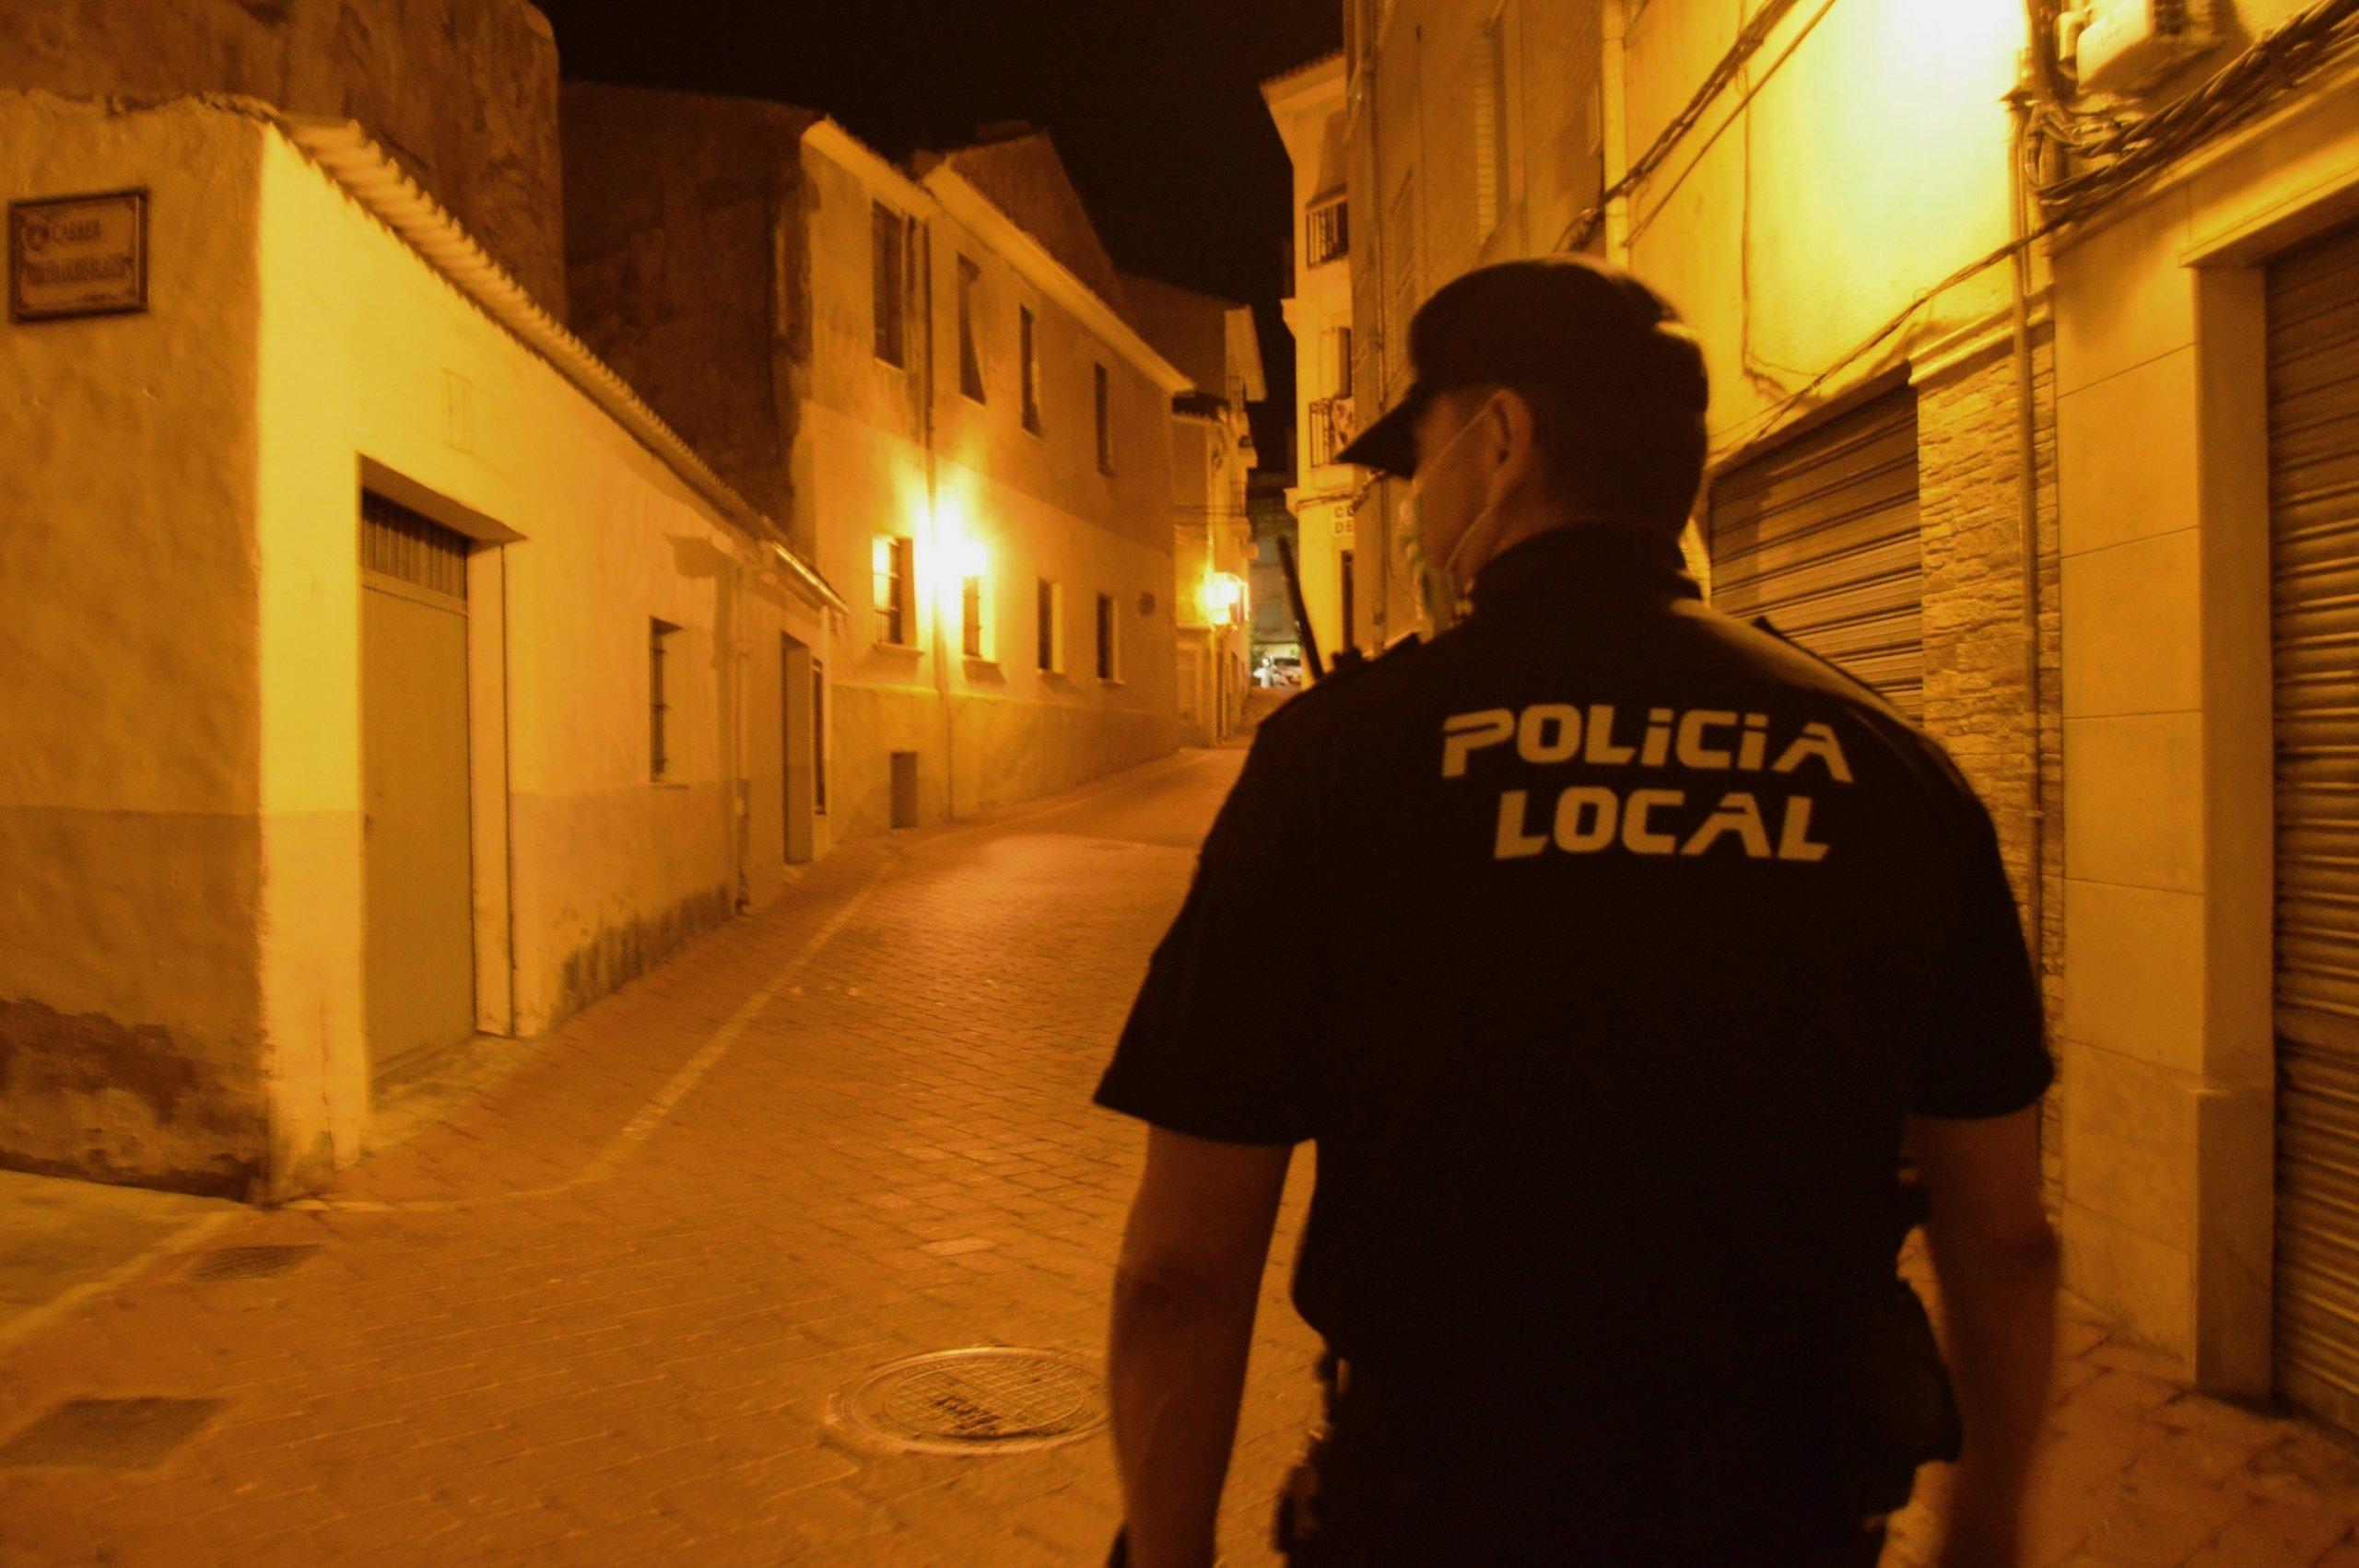 La Policia deté a Petrer a un conductor per resistència a l'autoritat després de circular ebri i a gran velocitat Notícies de Petrer - Successos